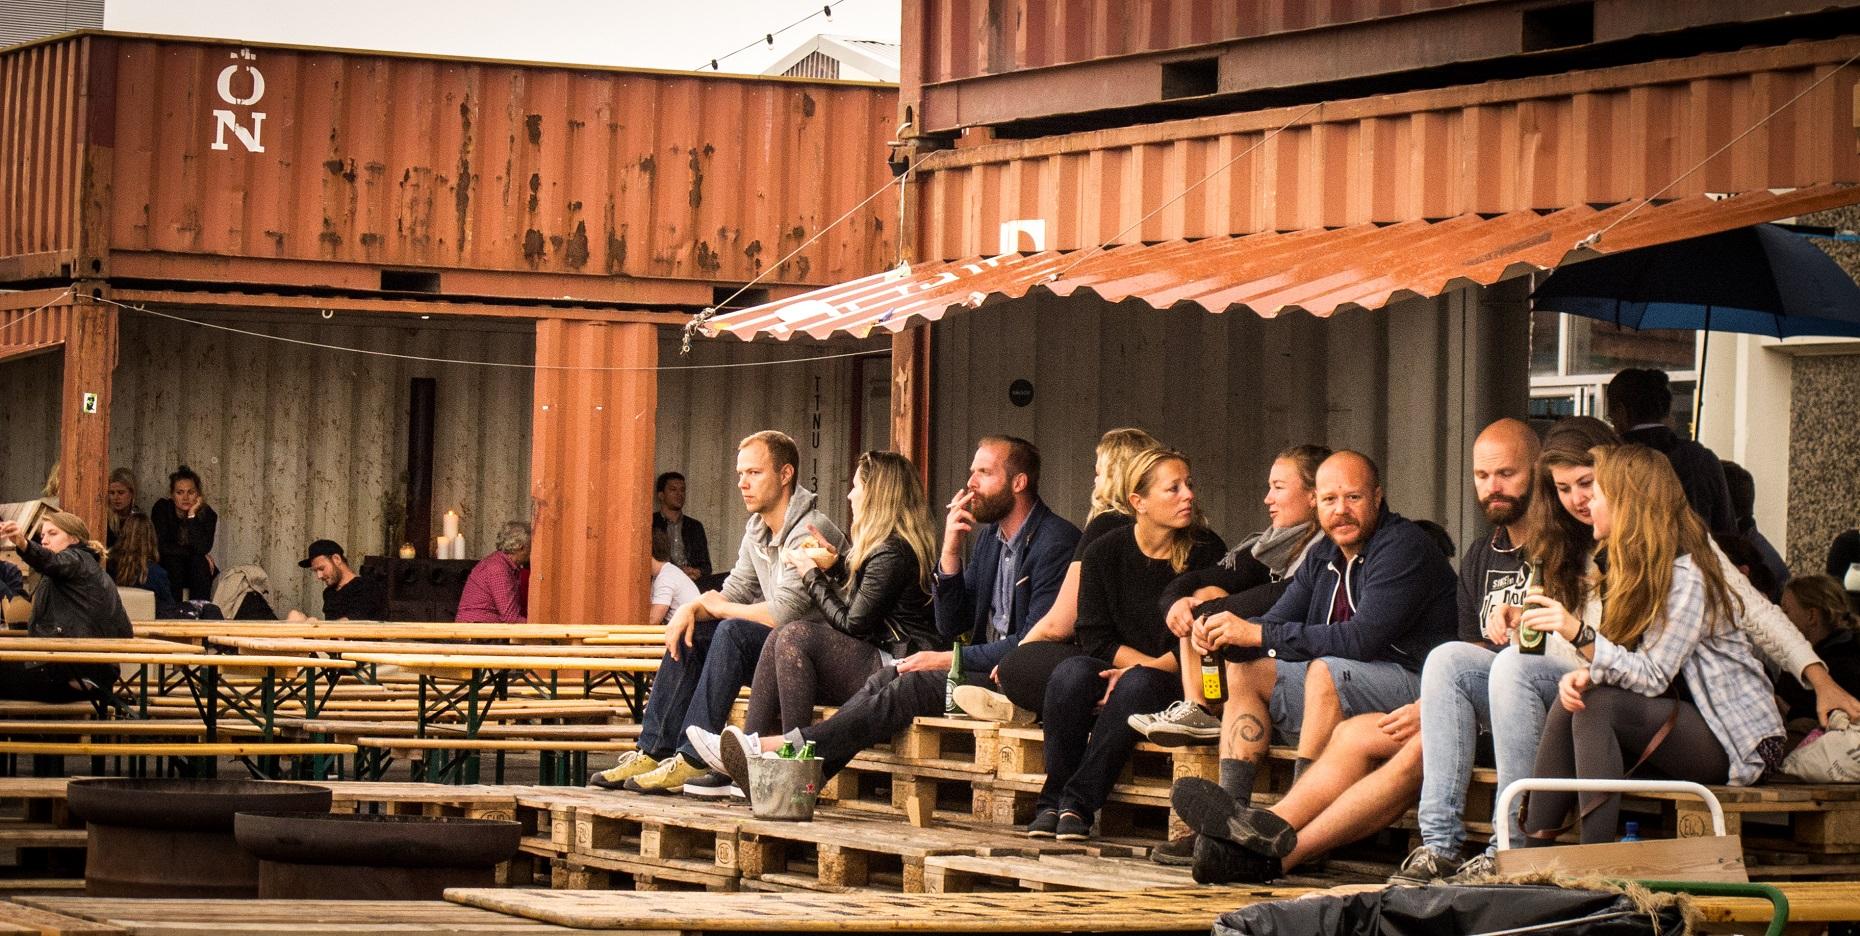 No Papirøen, cada um escolhe sua opção de comida e bebida, senta numa das mesas coletivas de frente para o porto e relaxa…